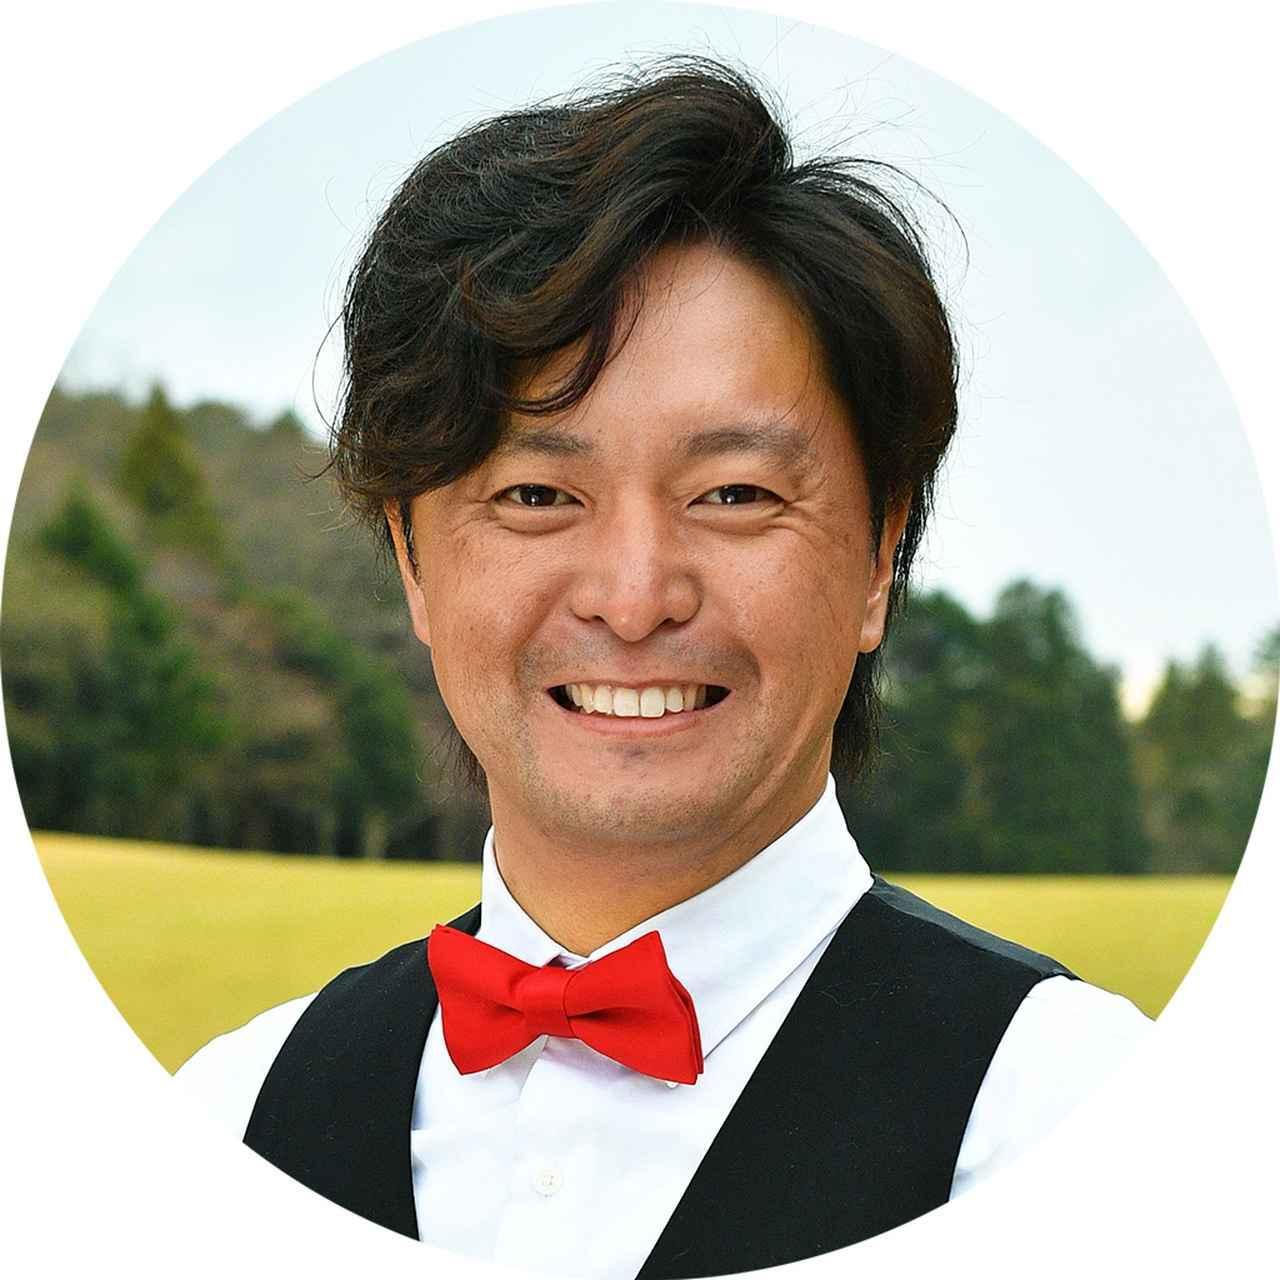 画像: 【解説/今野一哉プロ】 1982年千葉県生まれ。多くのアマチュアをレッスン、ギアにも精通。蝶ネクタイがトレードマーク